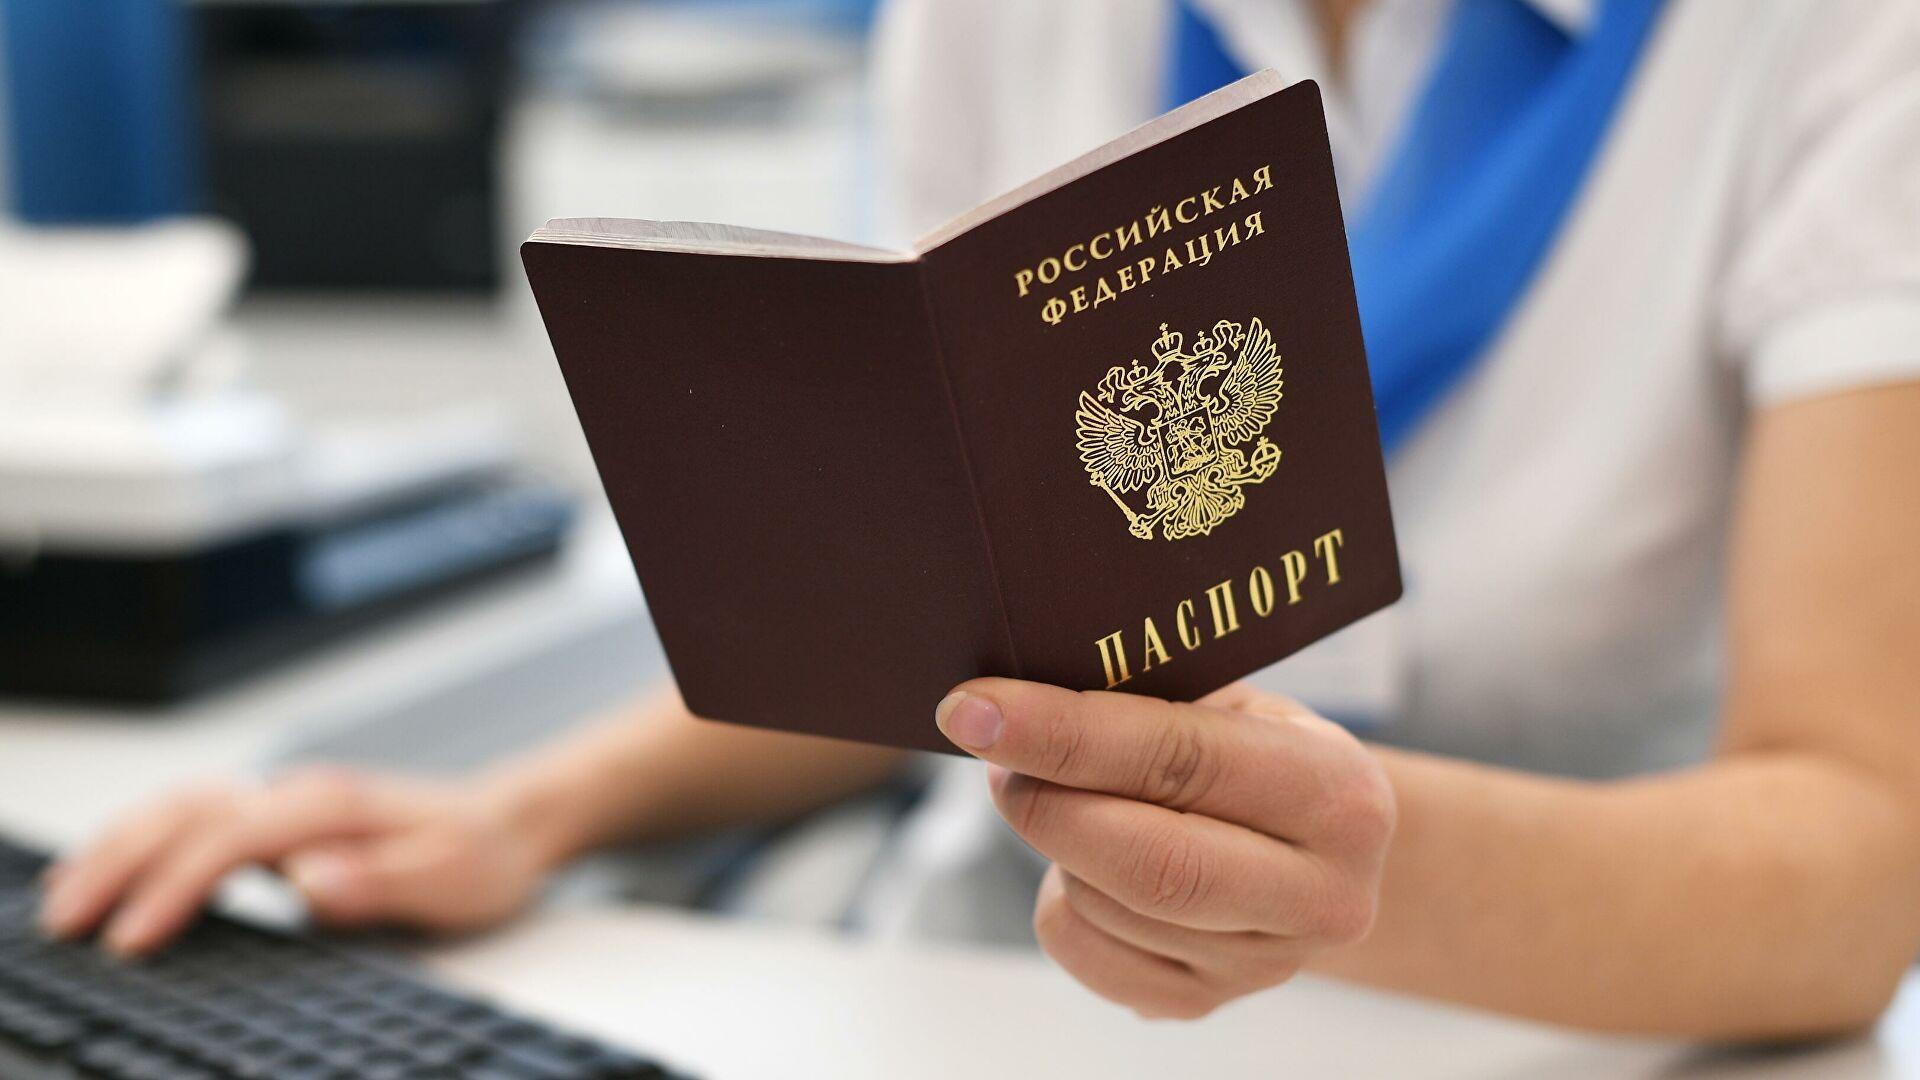 Интересовање за руски пасош у ДНР-у премашује техничке могућности